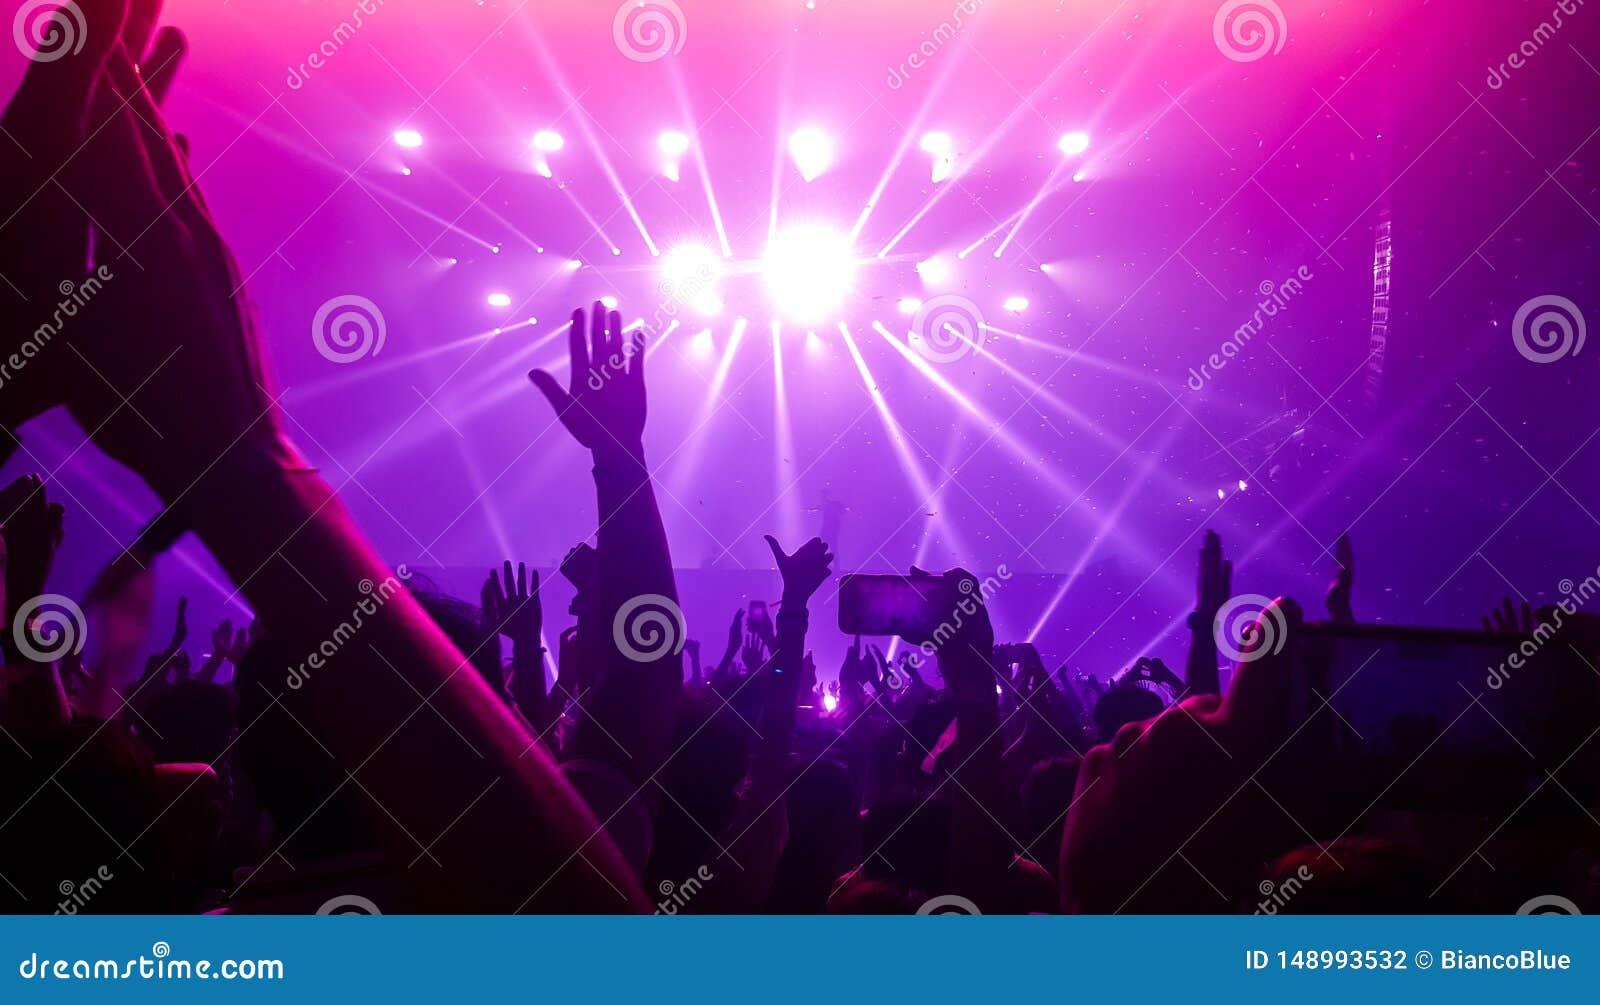 музыка для ночного клуба слушать